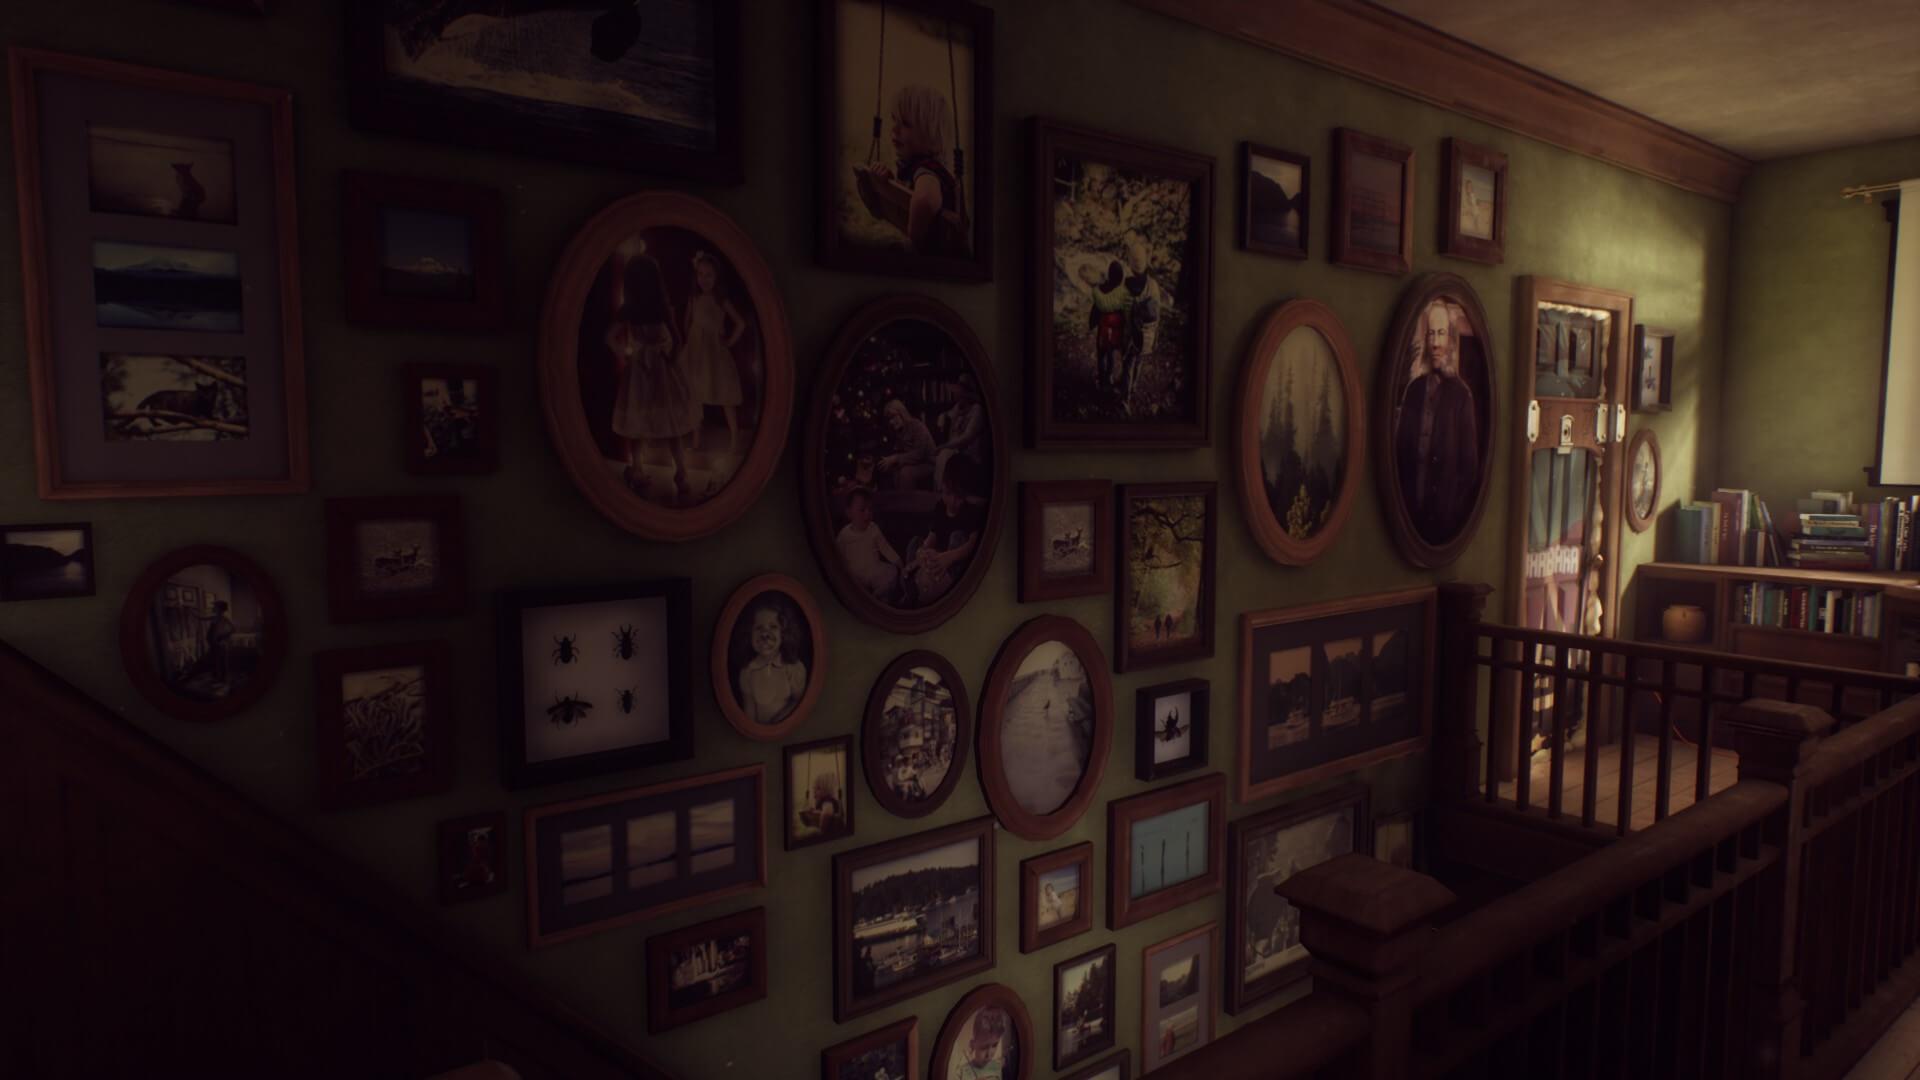 屋敷の中には閉ざされたドアや謎のアートで溢れかえっている。